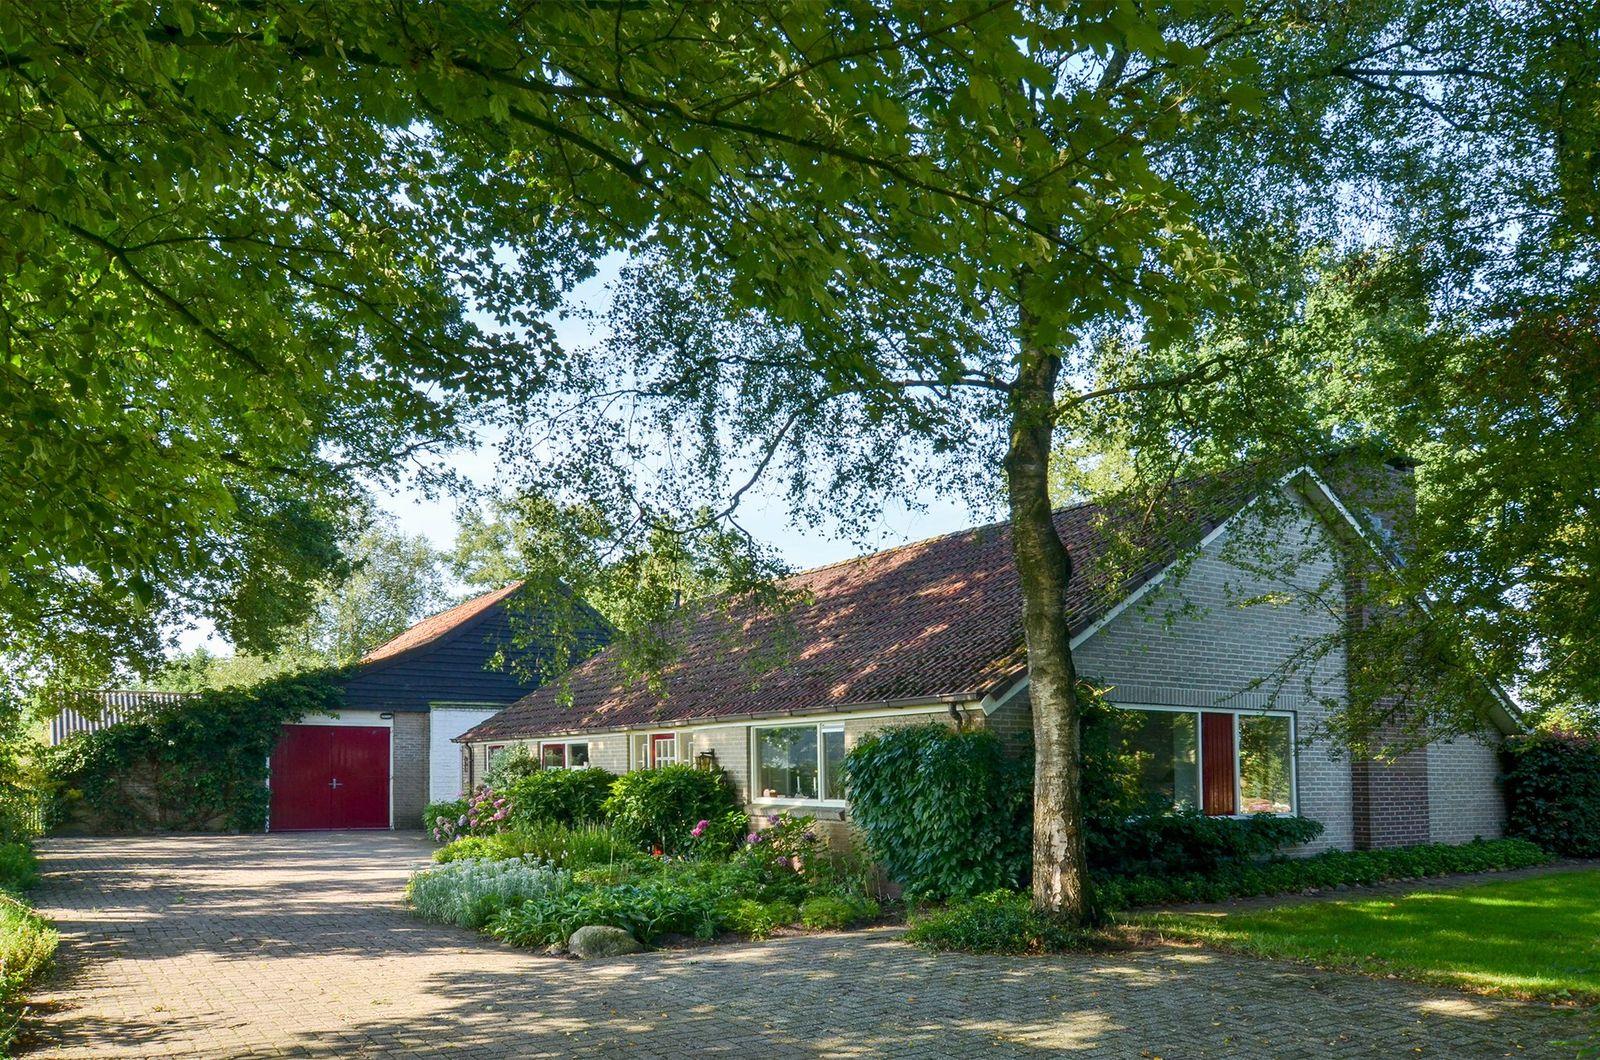 Burgemeester Tonckensstraat 59, Zuidwolde